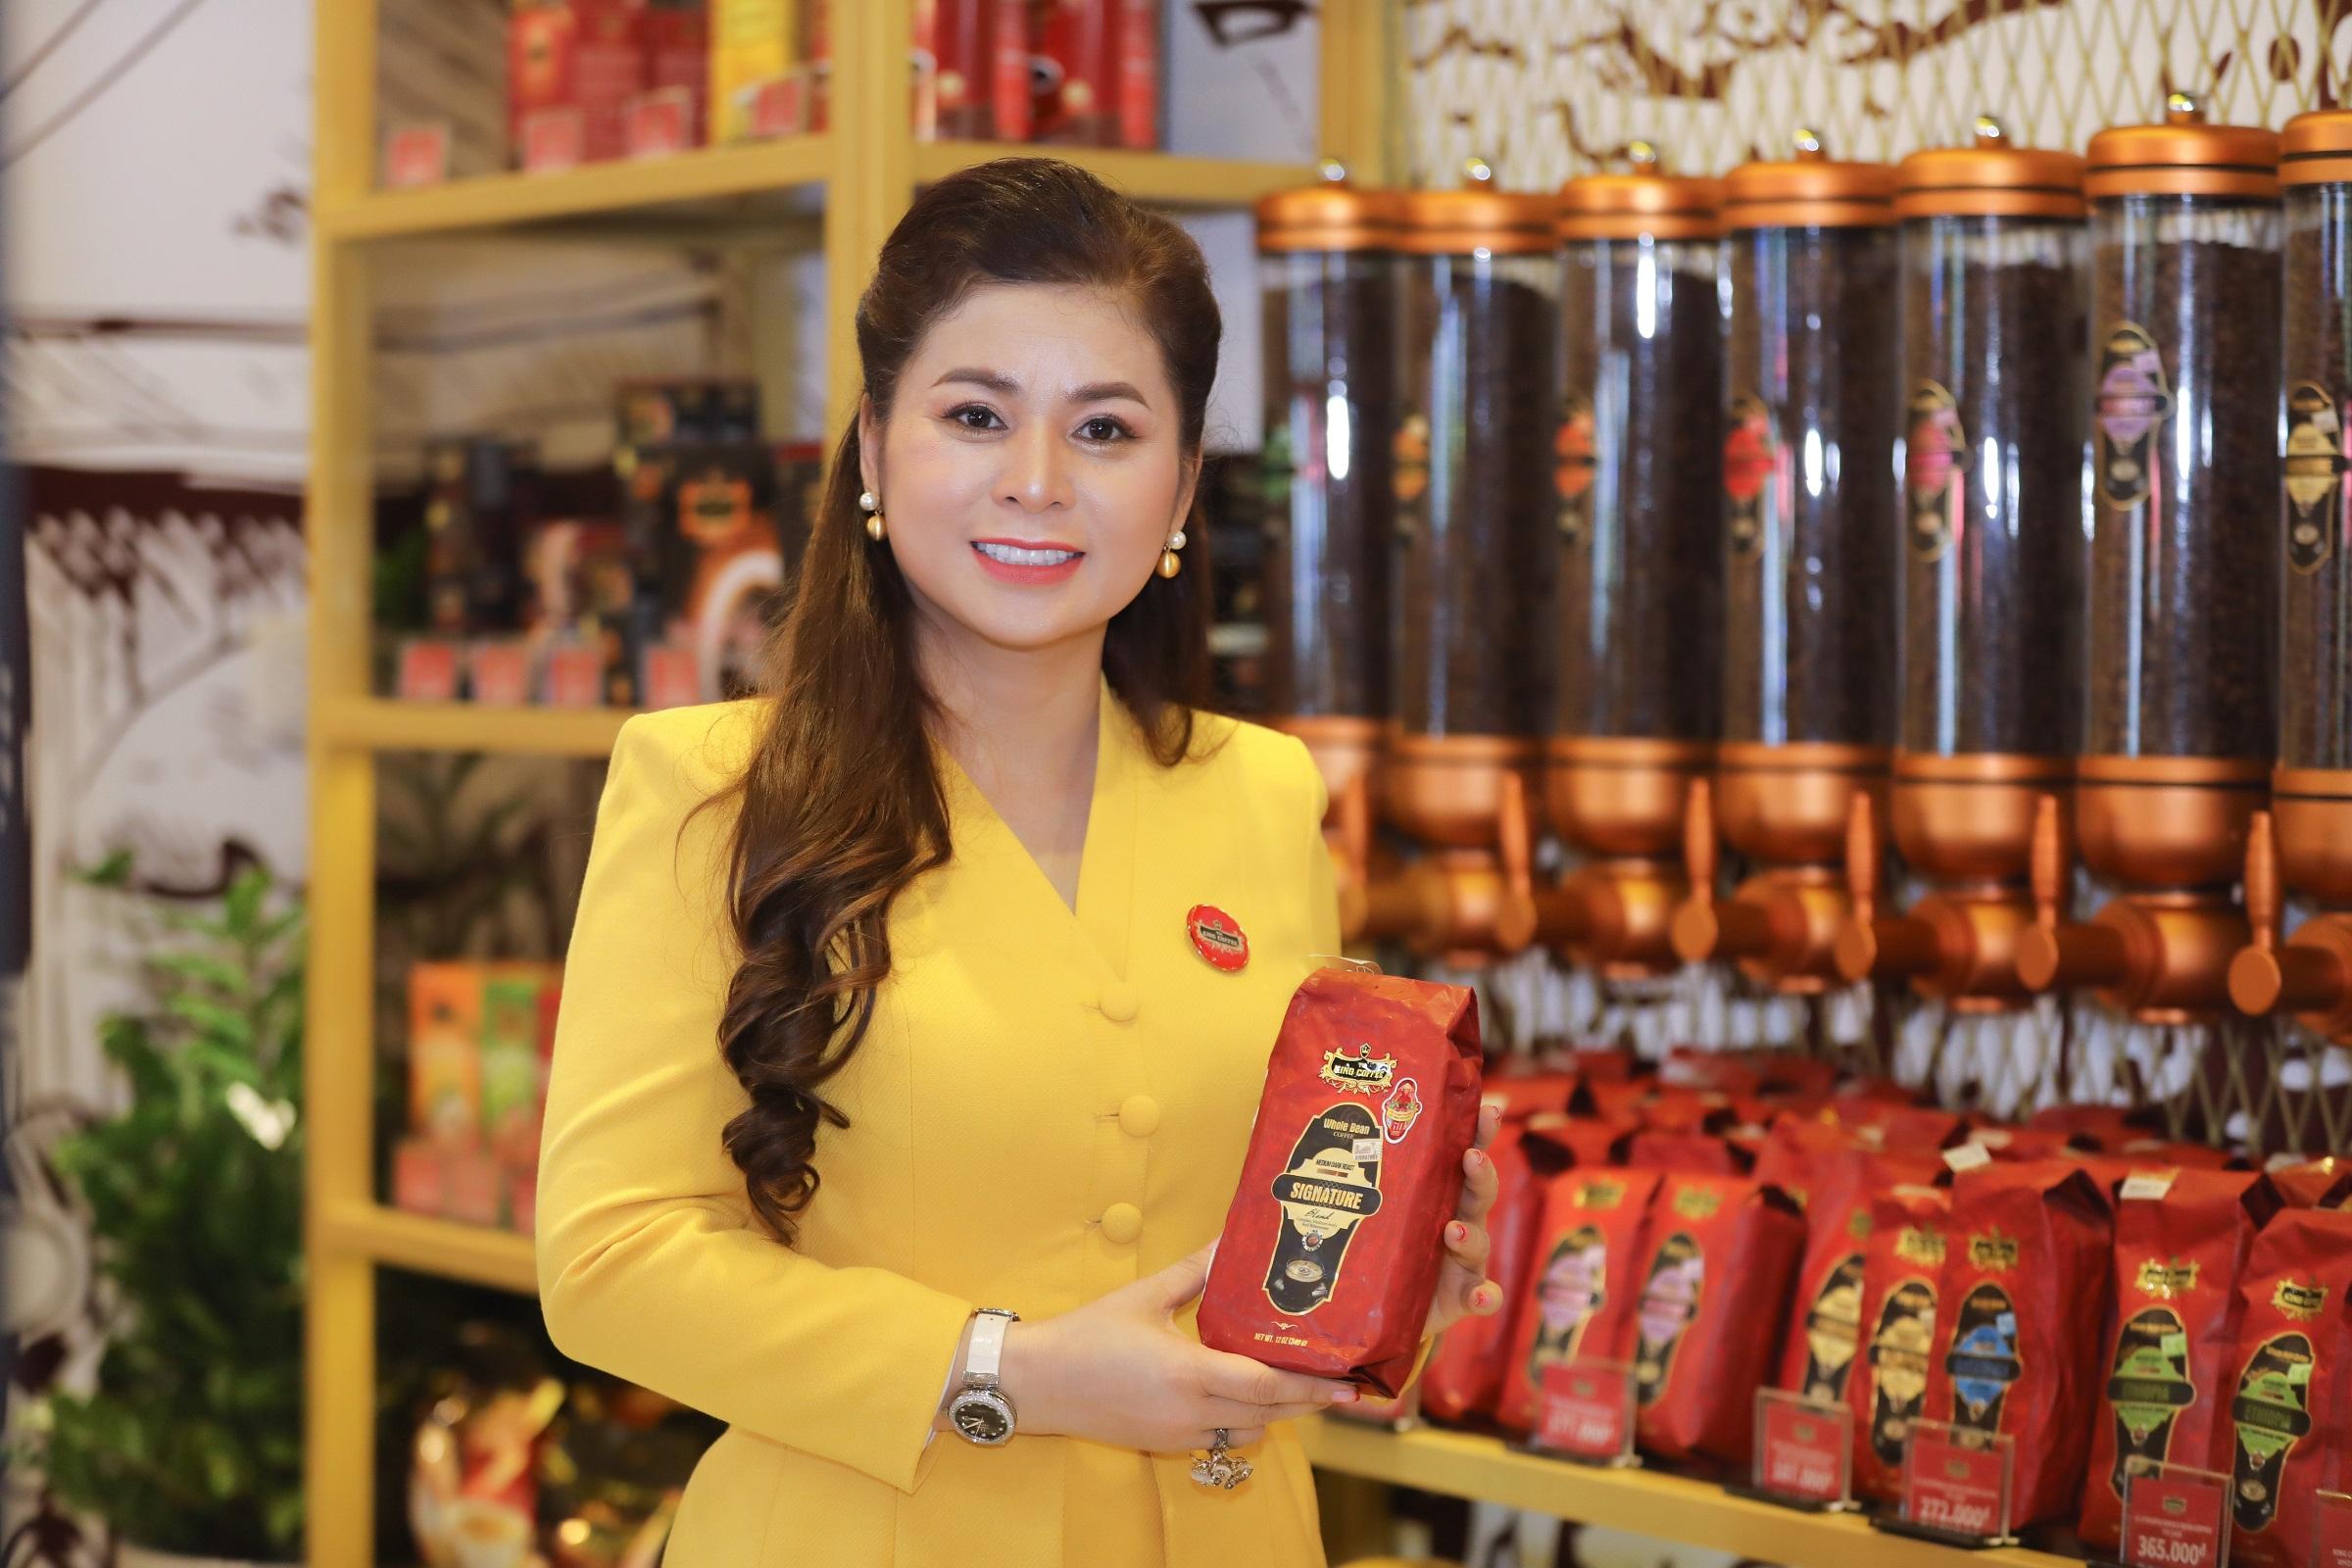 Bà Diệp Thảo kỳ vọng đưa Việt Nam thành cường quốc cà phê thế giới. Ảnh: Quỳnh Trần.